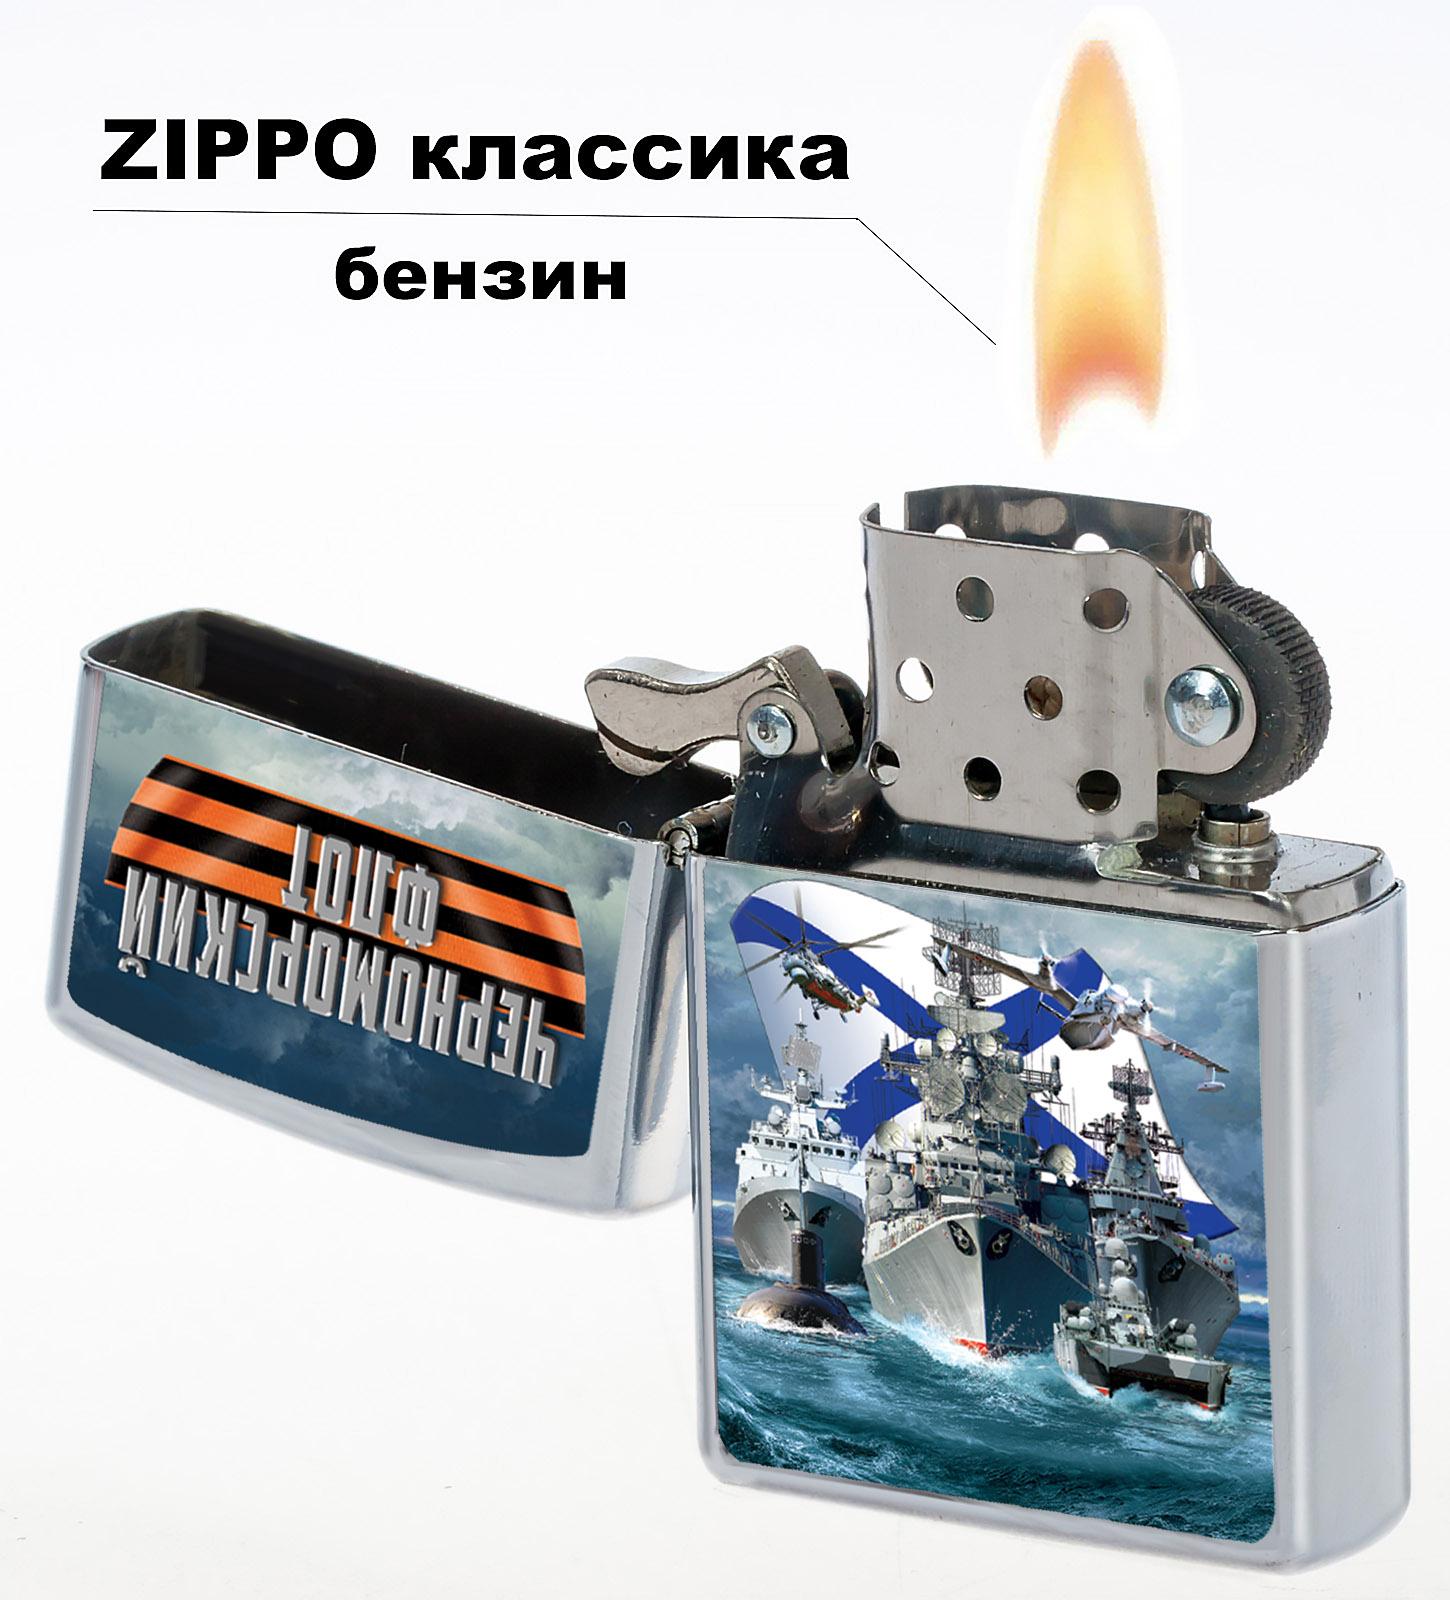 """Эксклюзивная зажигалка """"Черноморский флот"""" с удобной доставкой"""